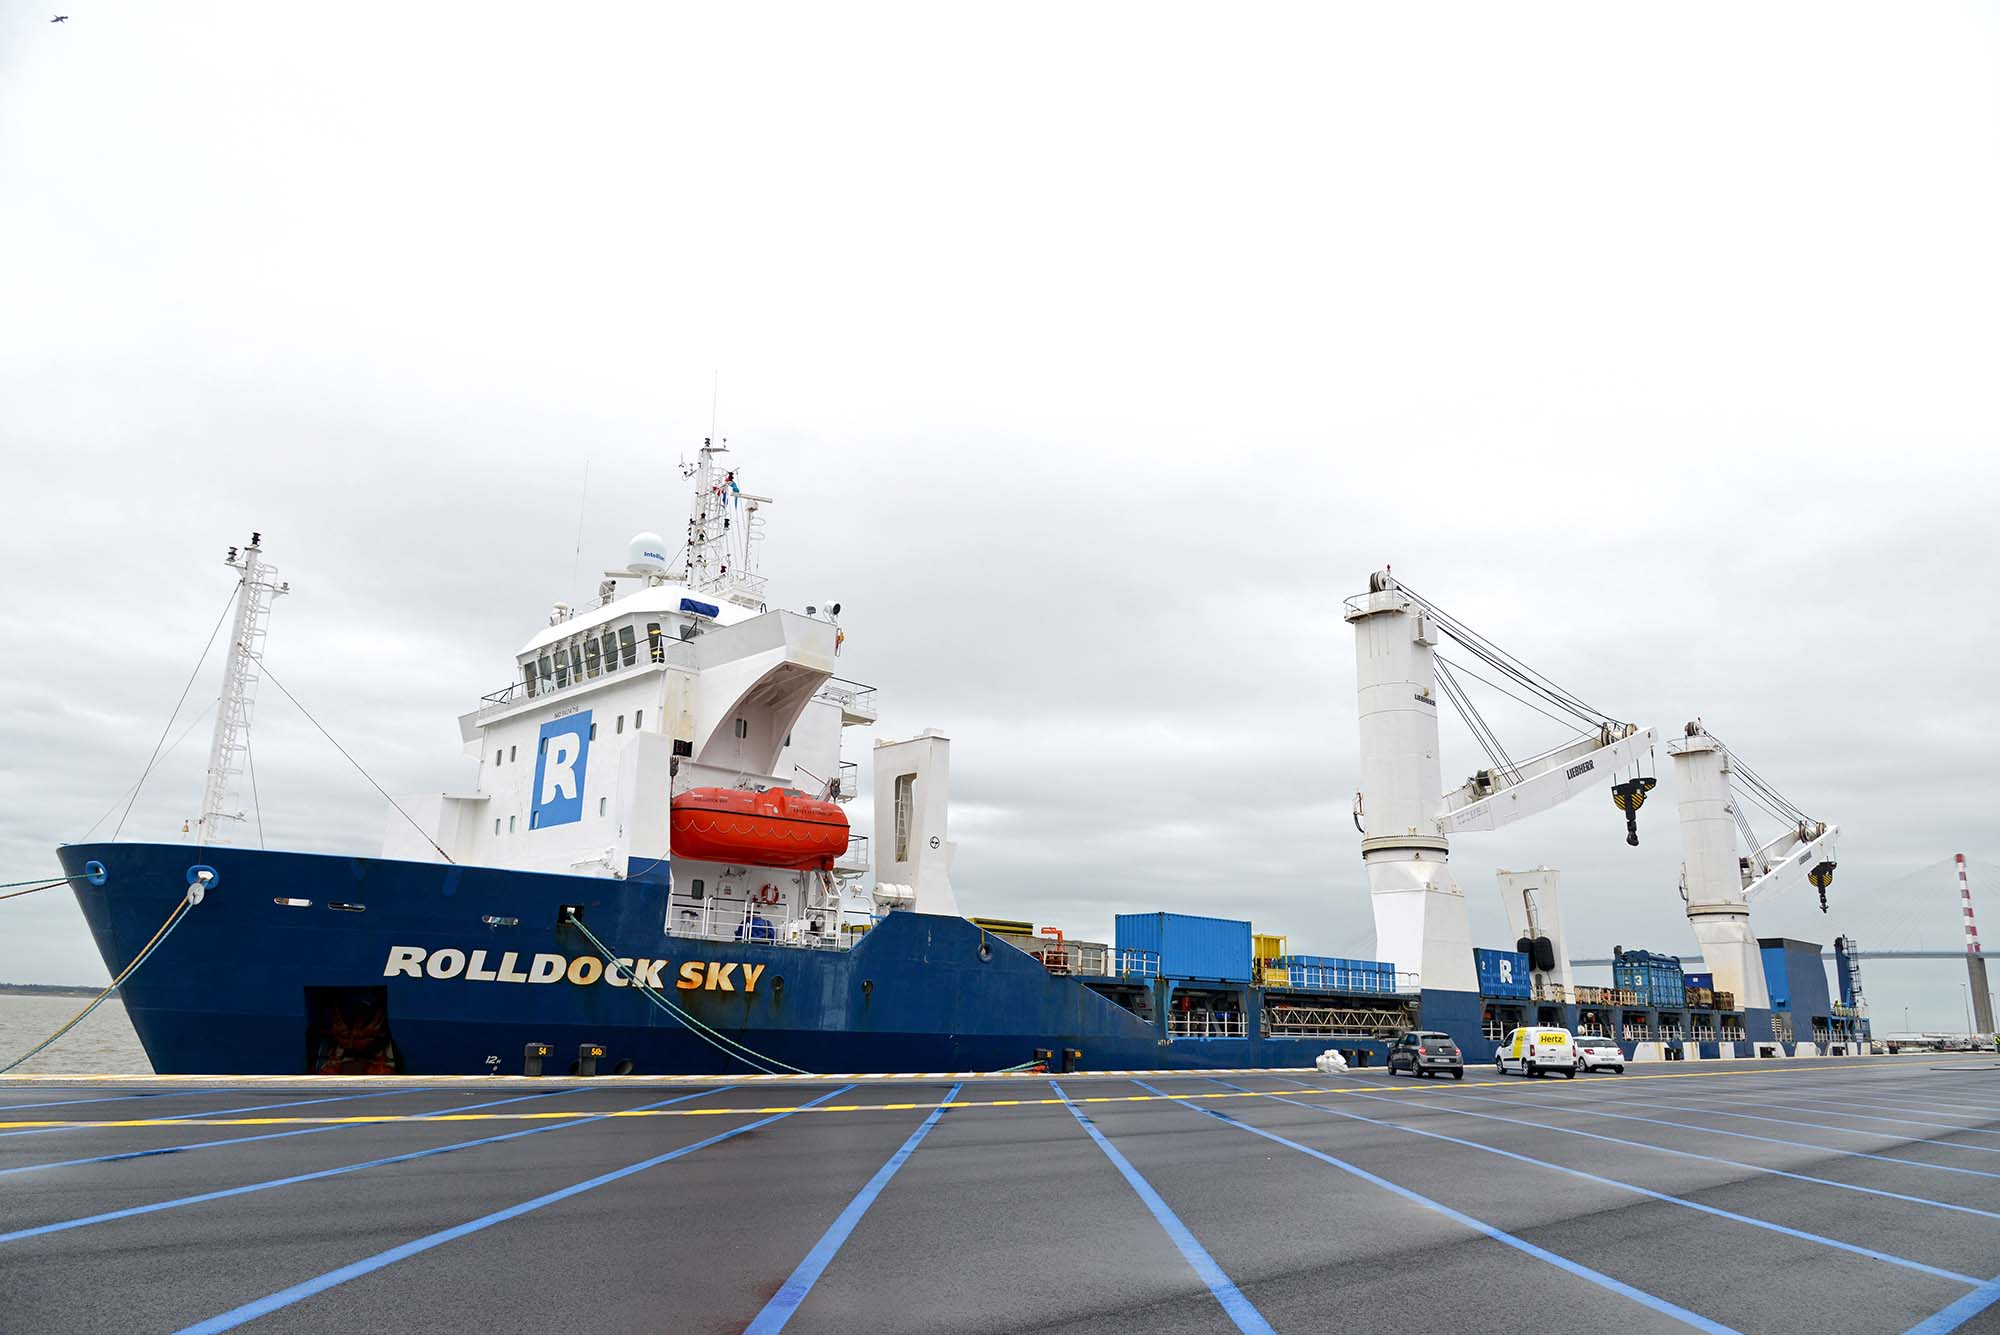 20180309 Le Rolldock Sky, chargé de l'Elbe Princesse II, prêt au départ pour Hambourg (© Ville de Saint-Nazaire - Martin Launay)